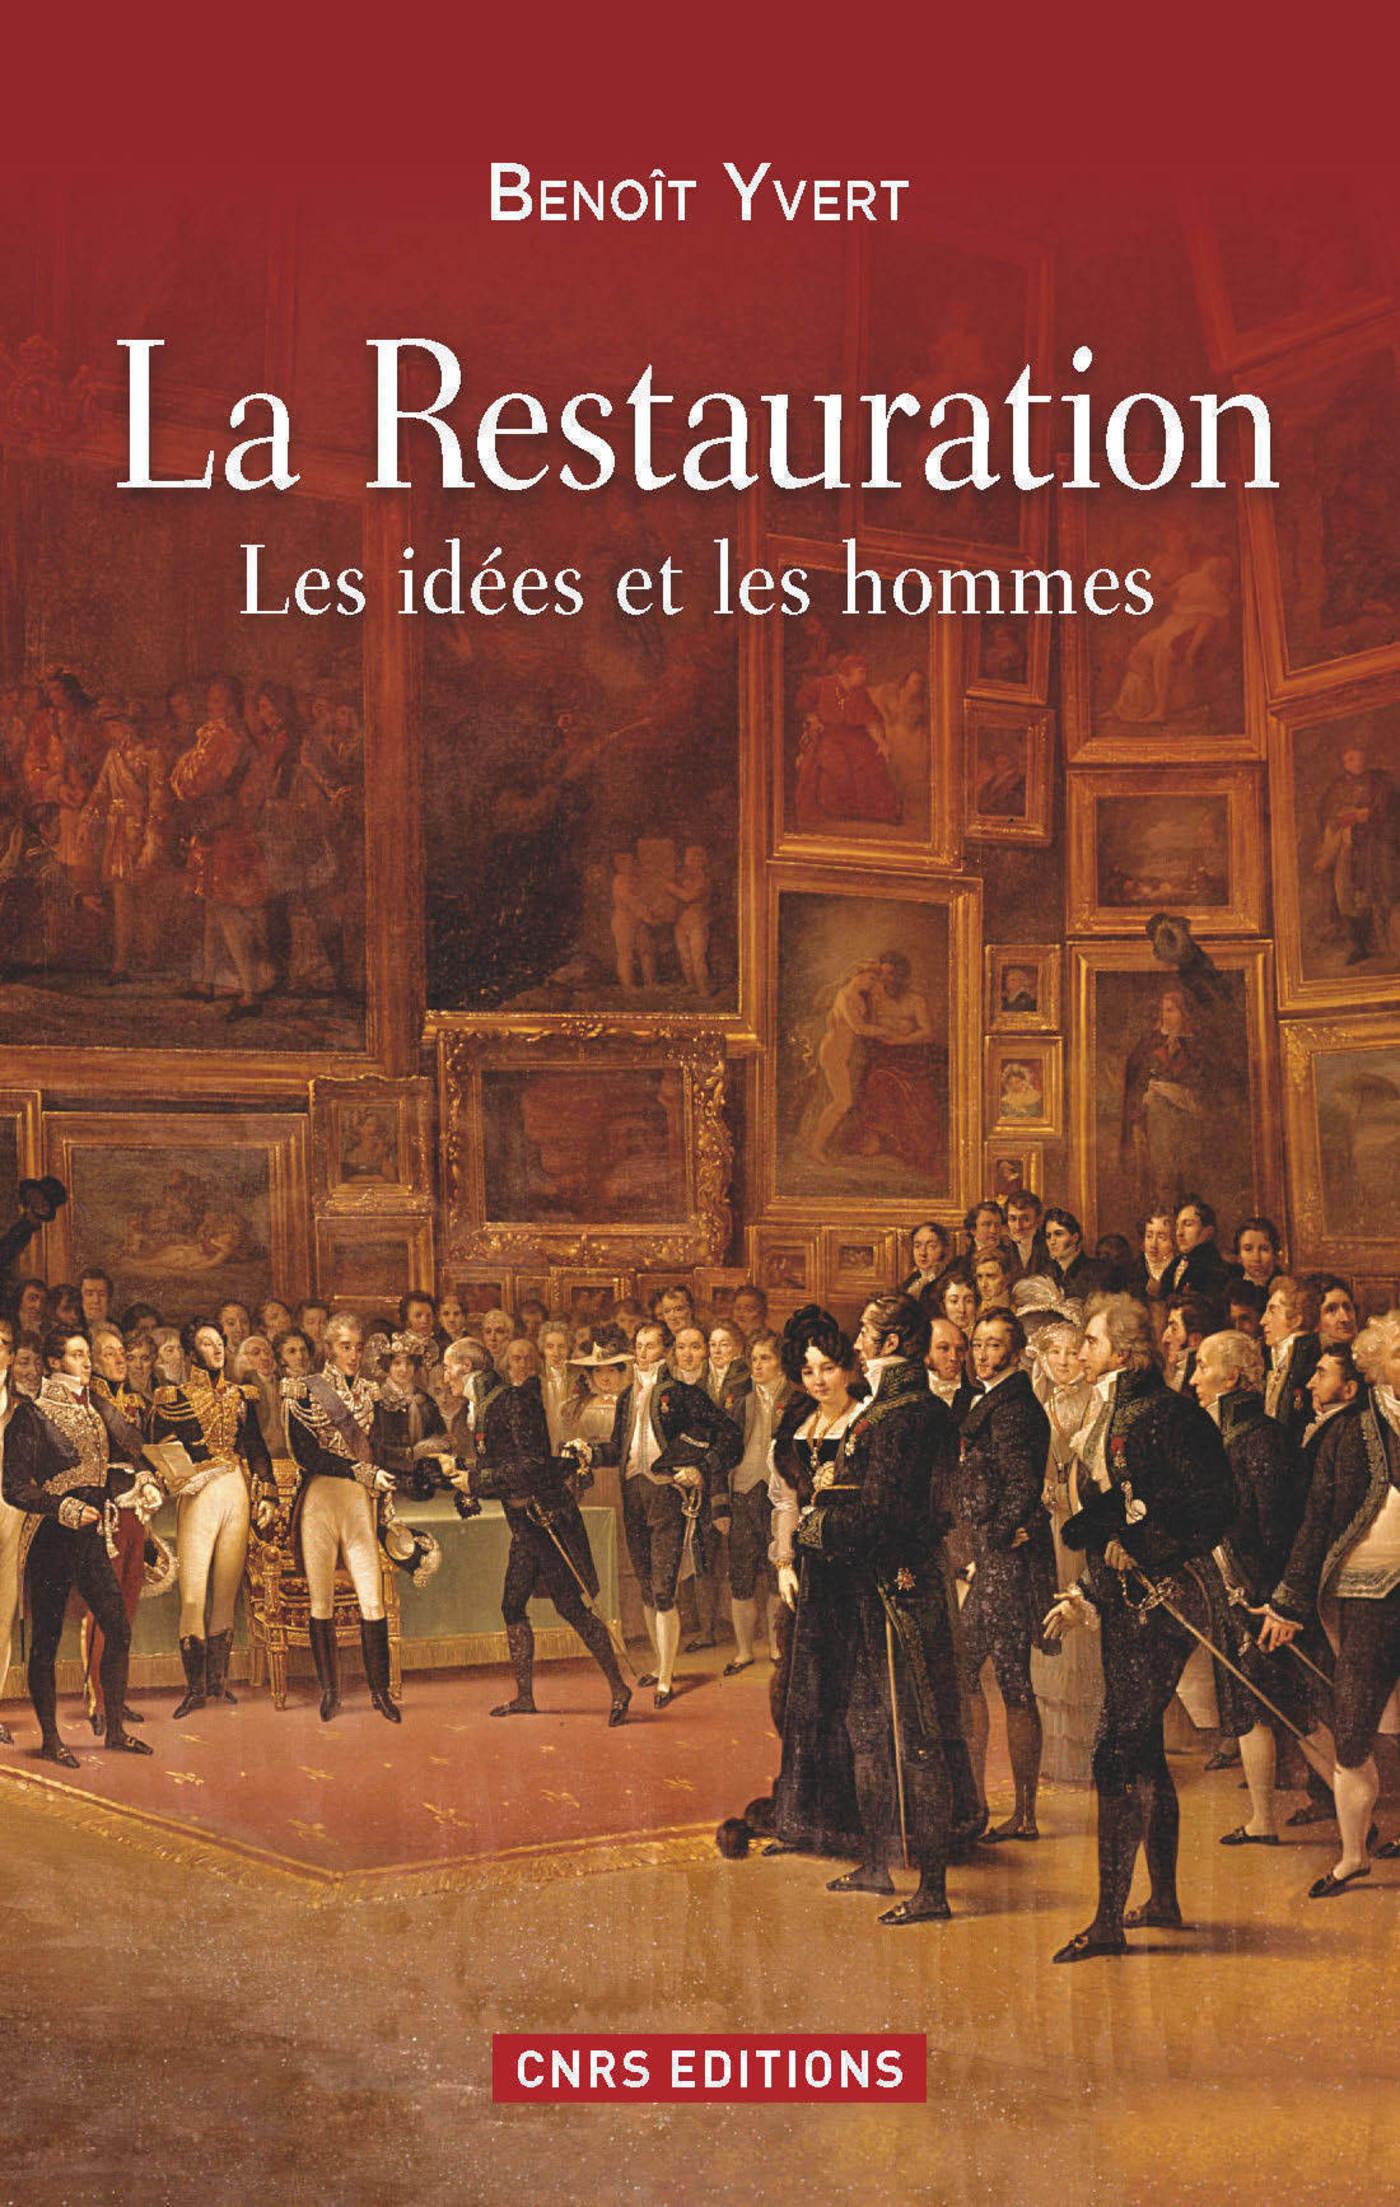 La Restauration. Les idées et les hommes